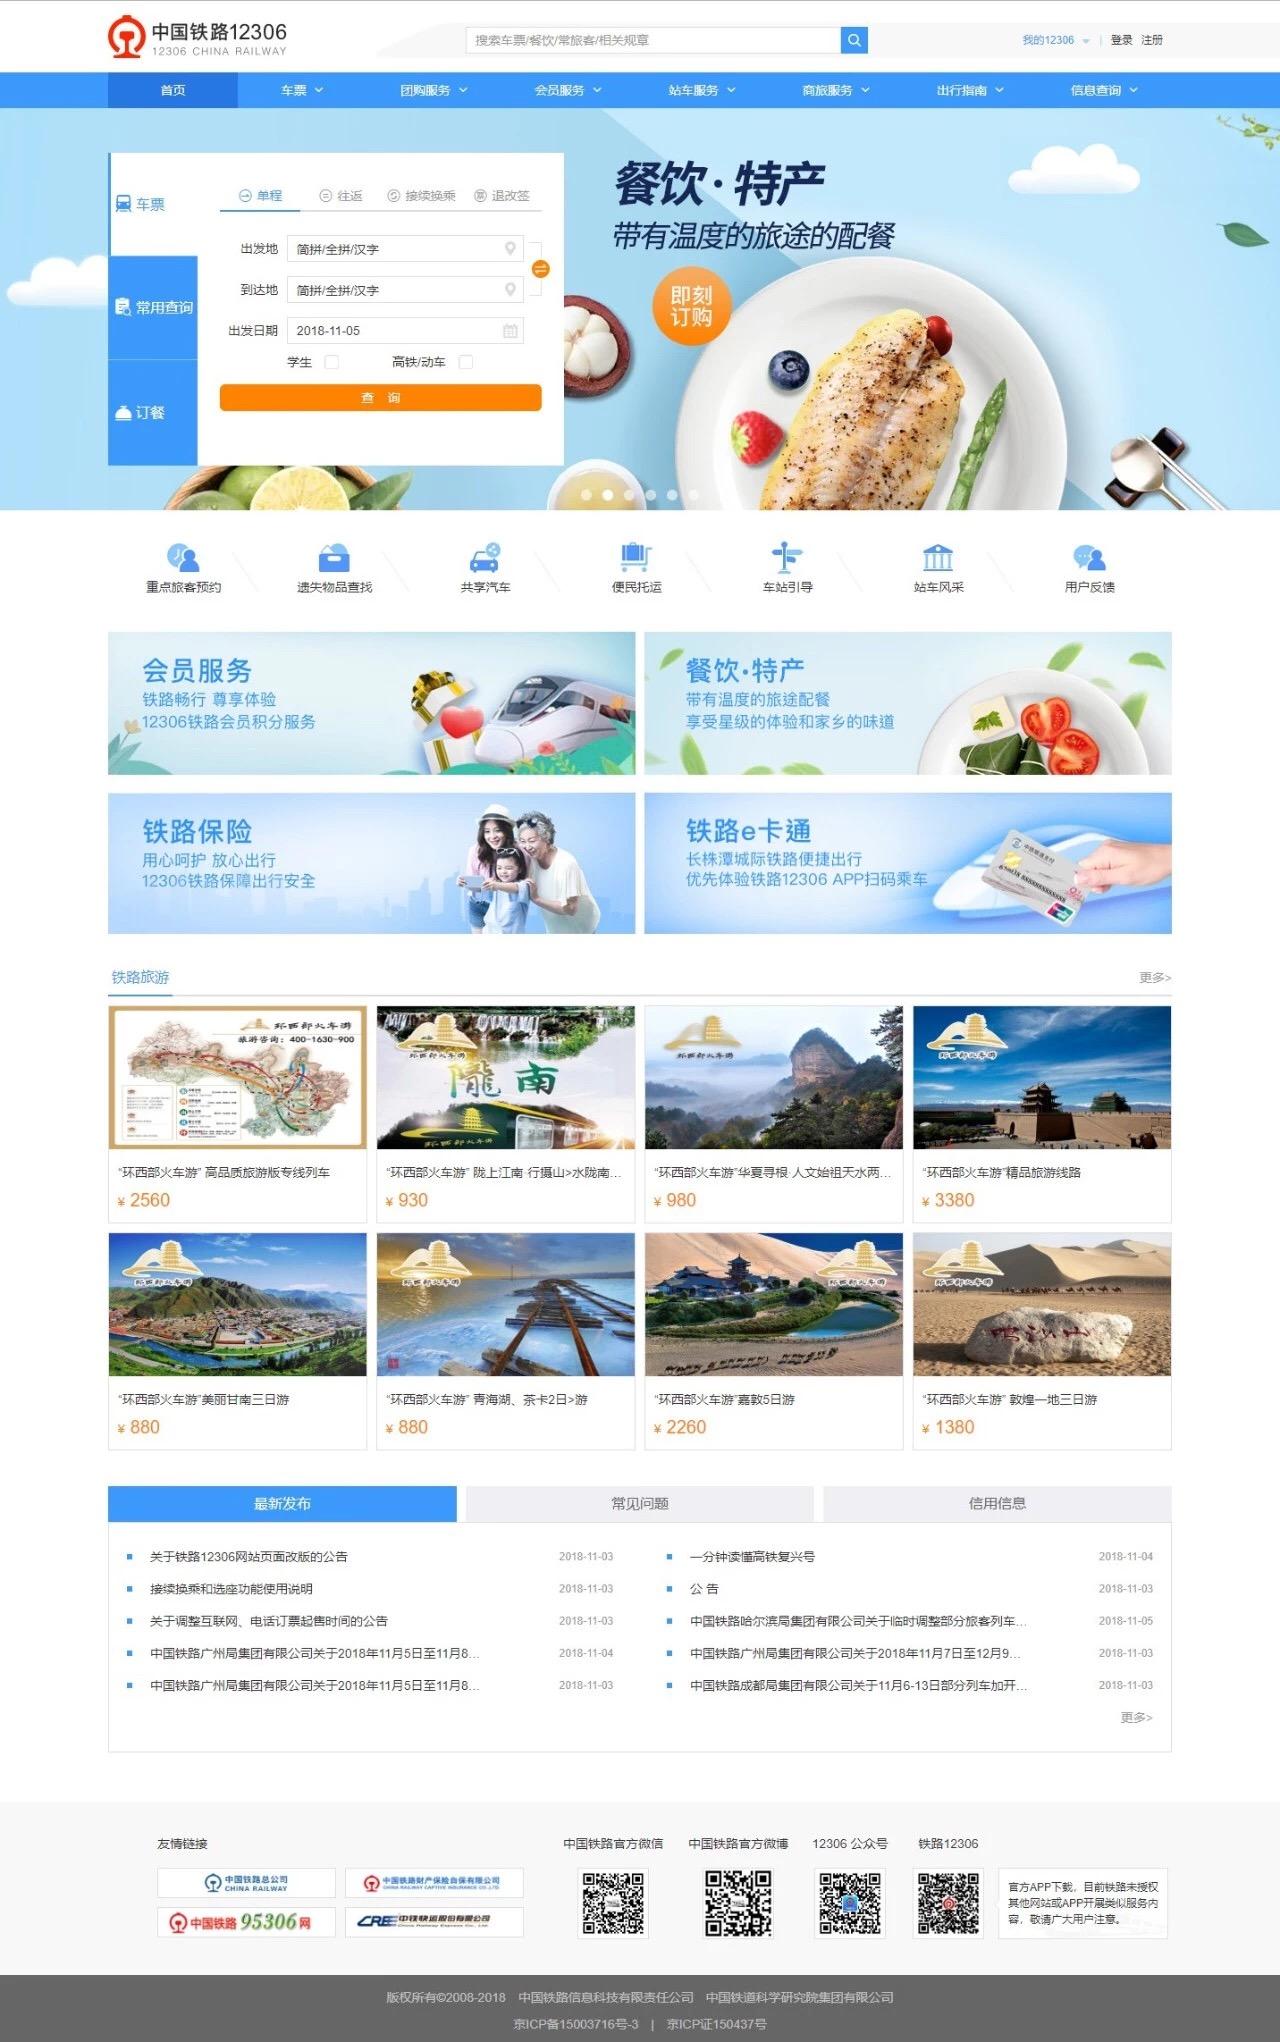 博文配图(12306网页改版)